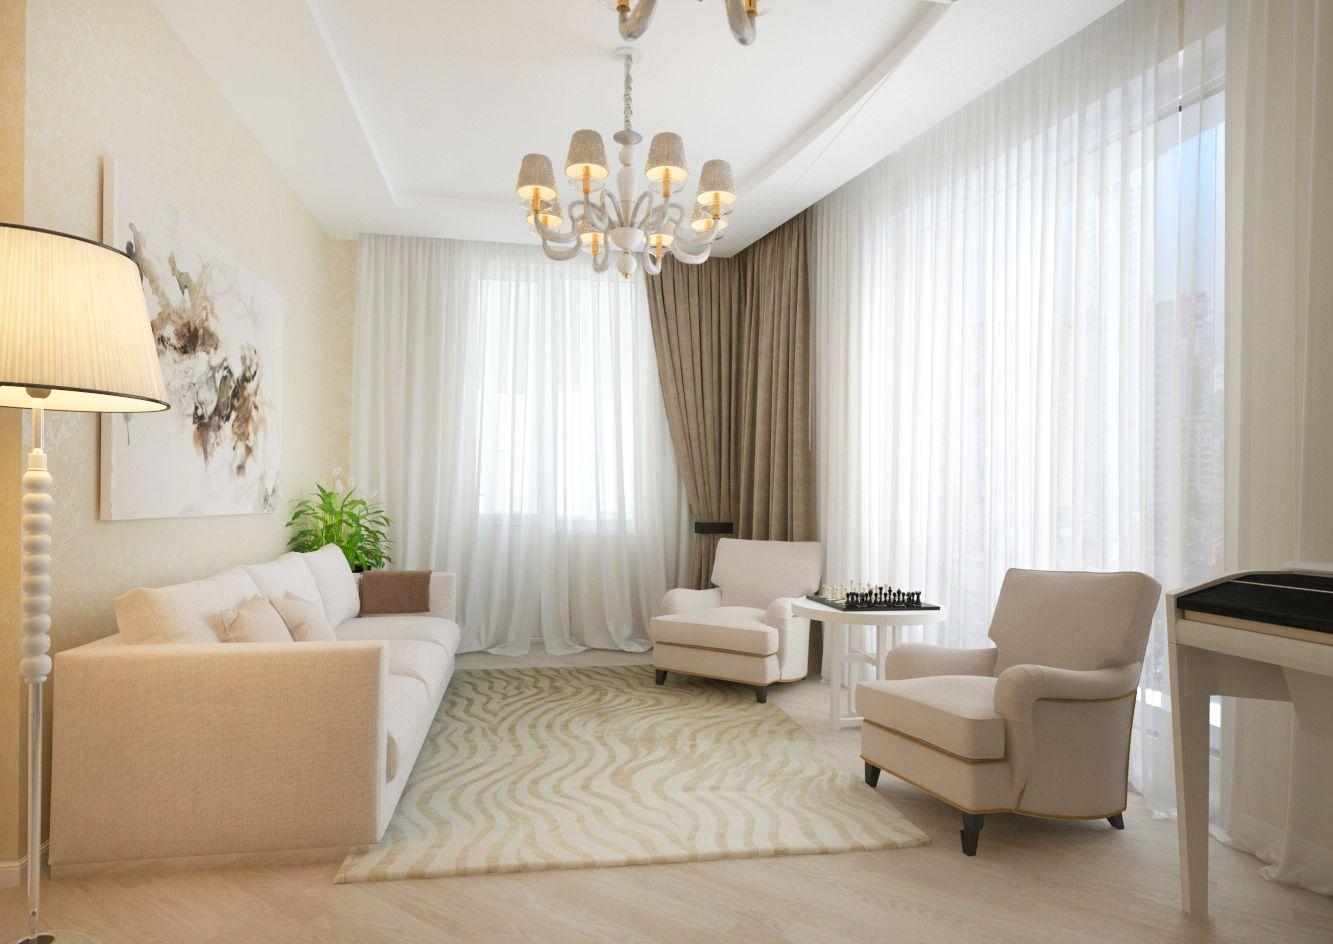 диван и кресла светлых тонов